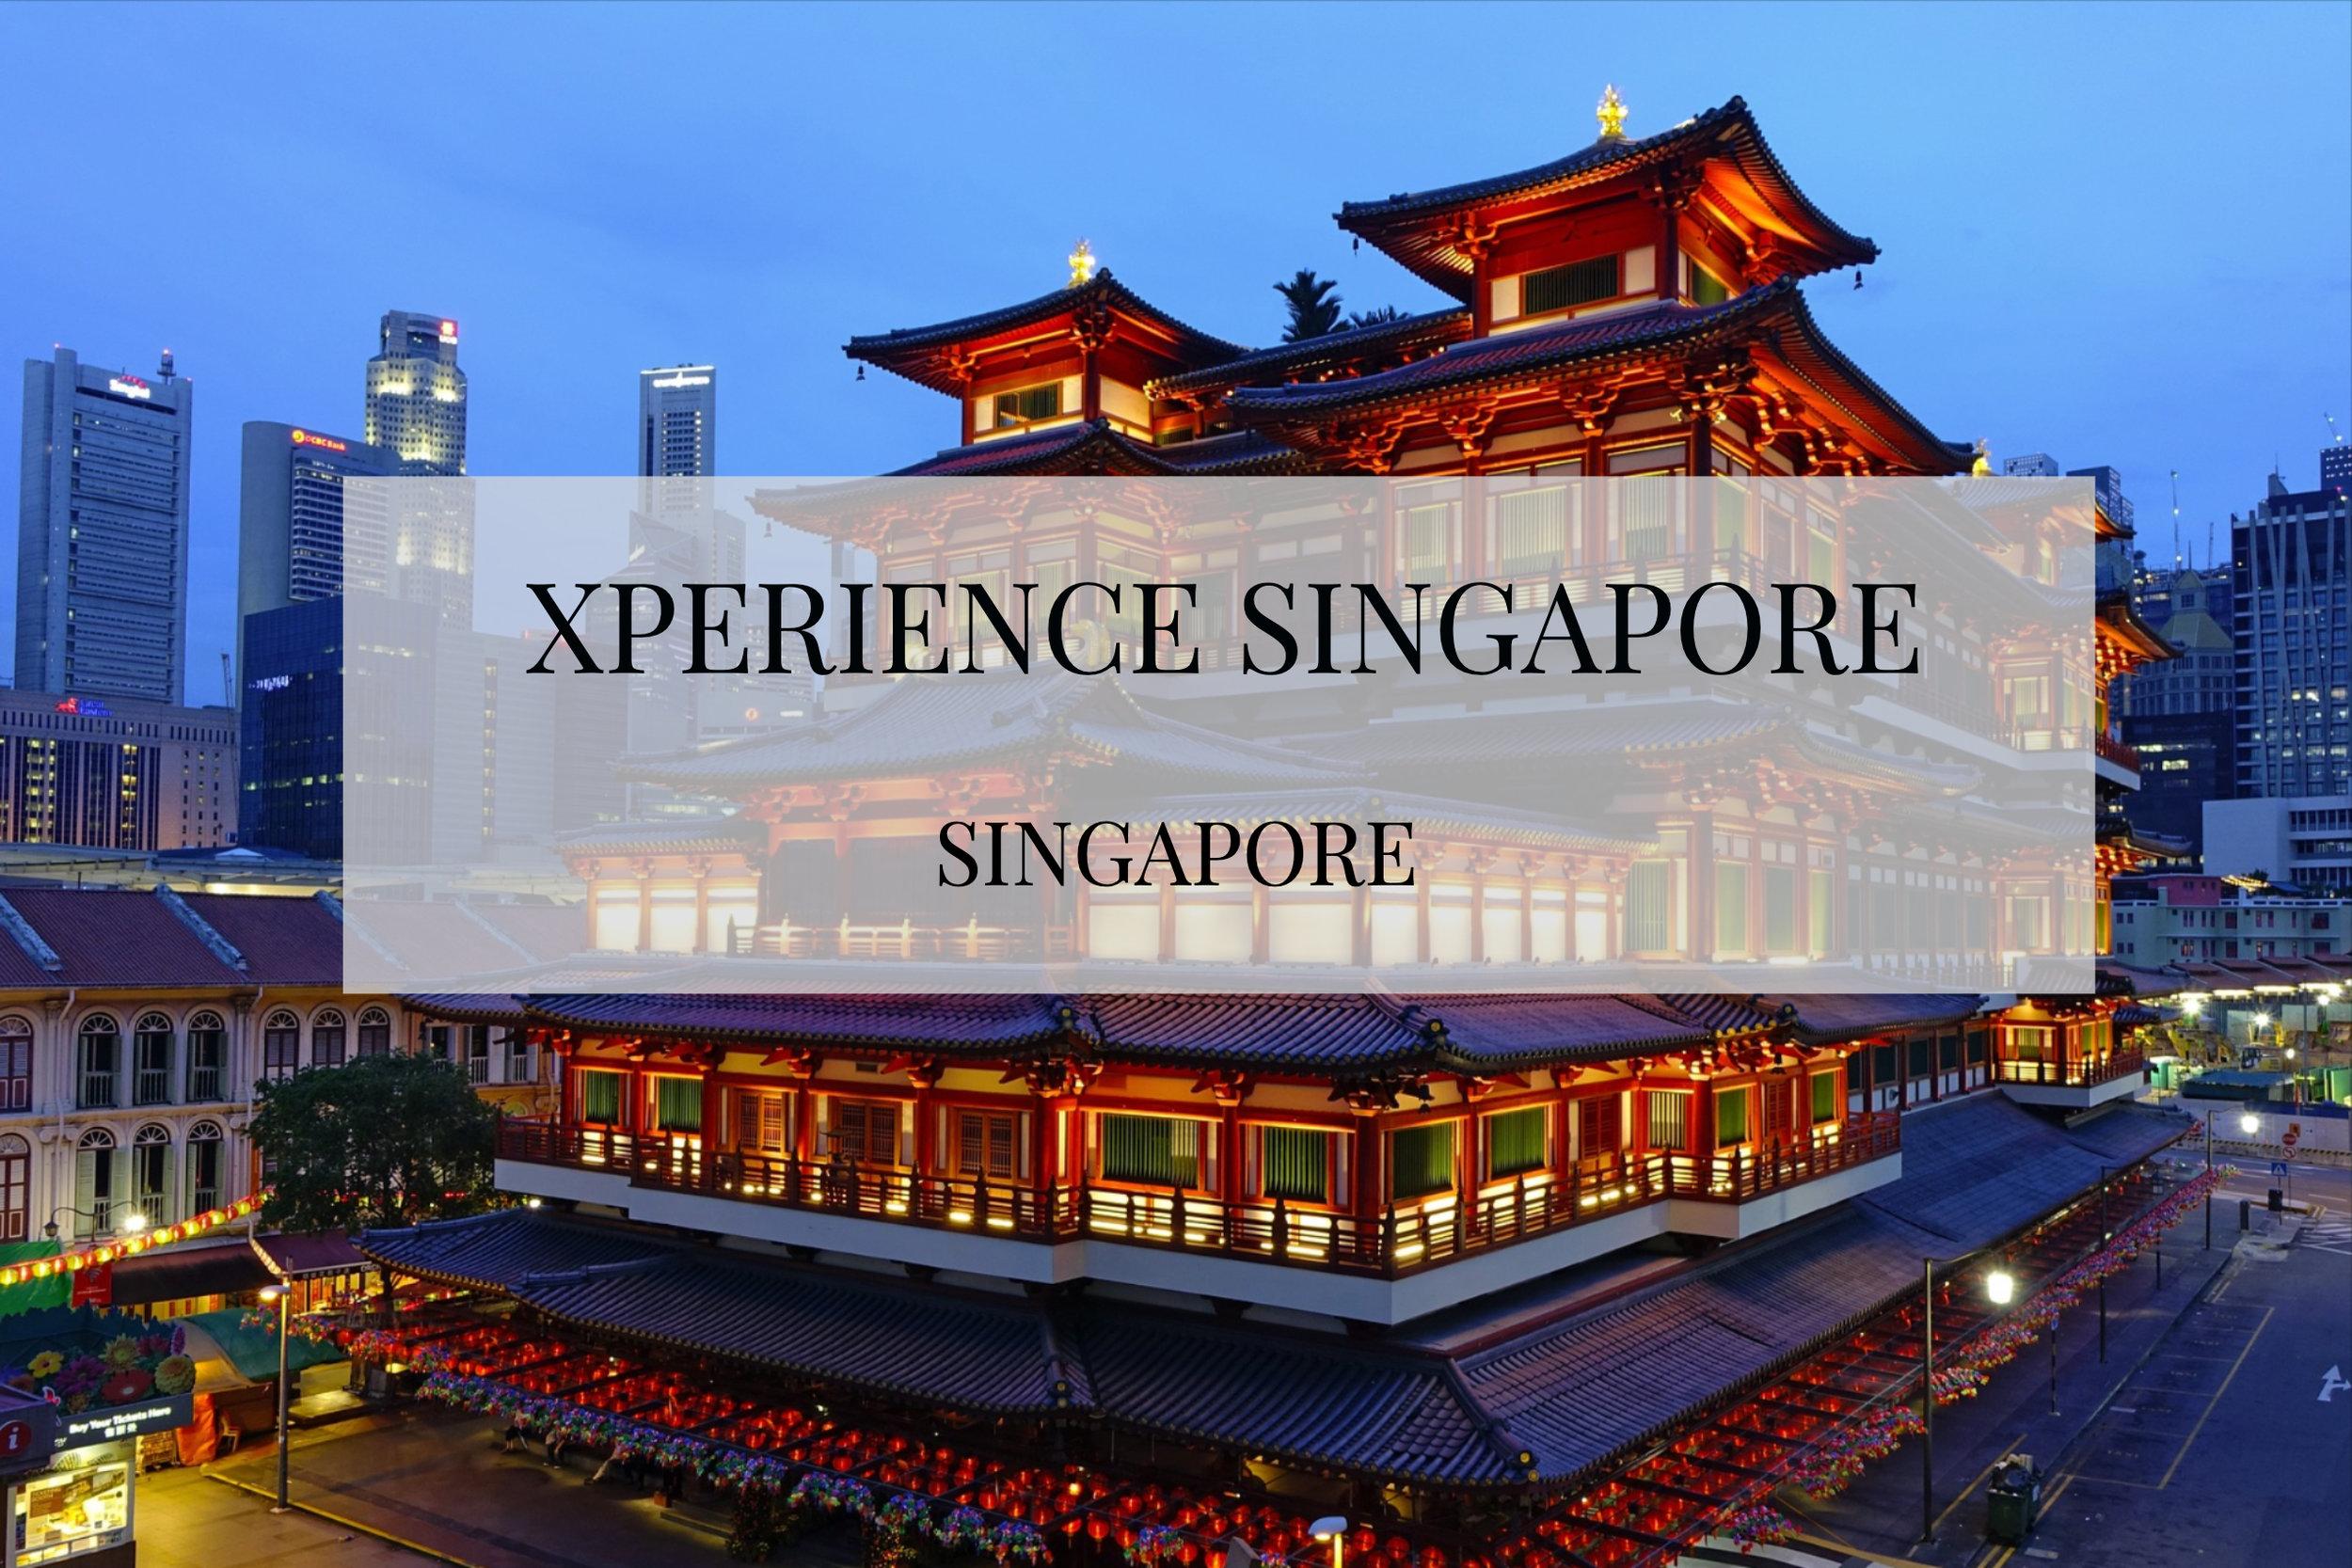 Xperience Singapore.jpg